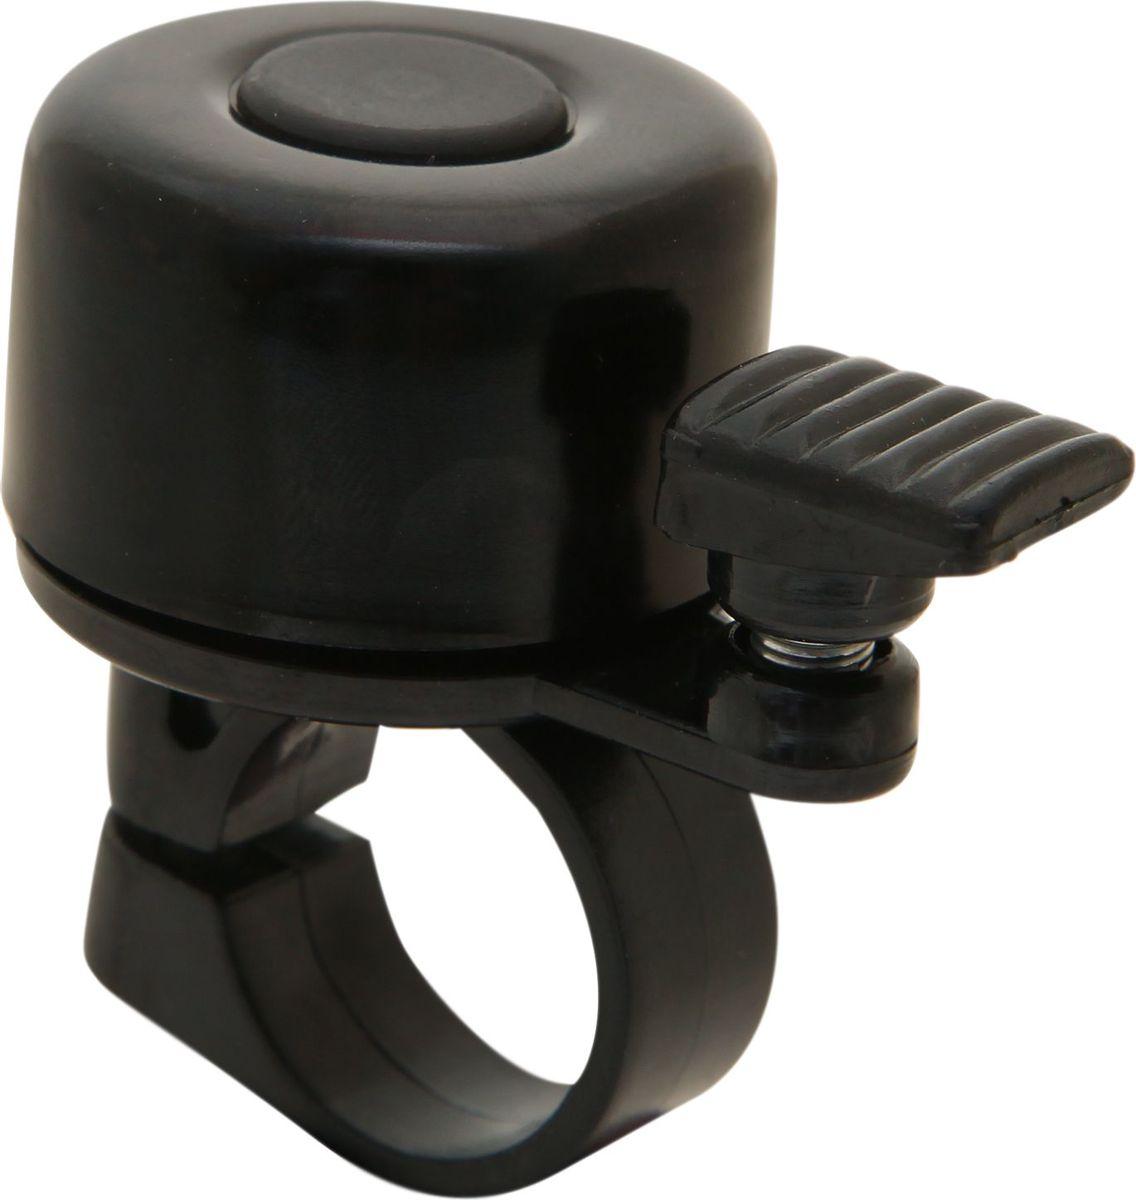 Звонок велосипедный STG 11A-05, цвет: черныйSСJ-2201Звонок предупредит пешеходов и других велосипедистов о вашем приближении, а также обеспечит безопасность вашего движения. Звонок предназначен для крепления на руль и подойдет не только для велосипедов, но и для самокатов.